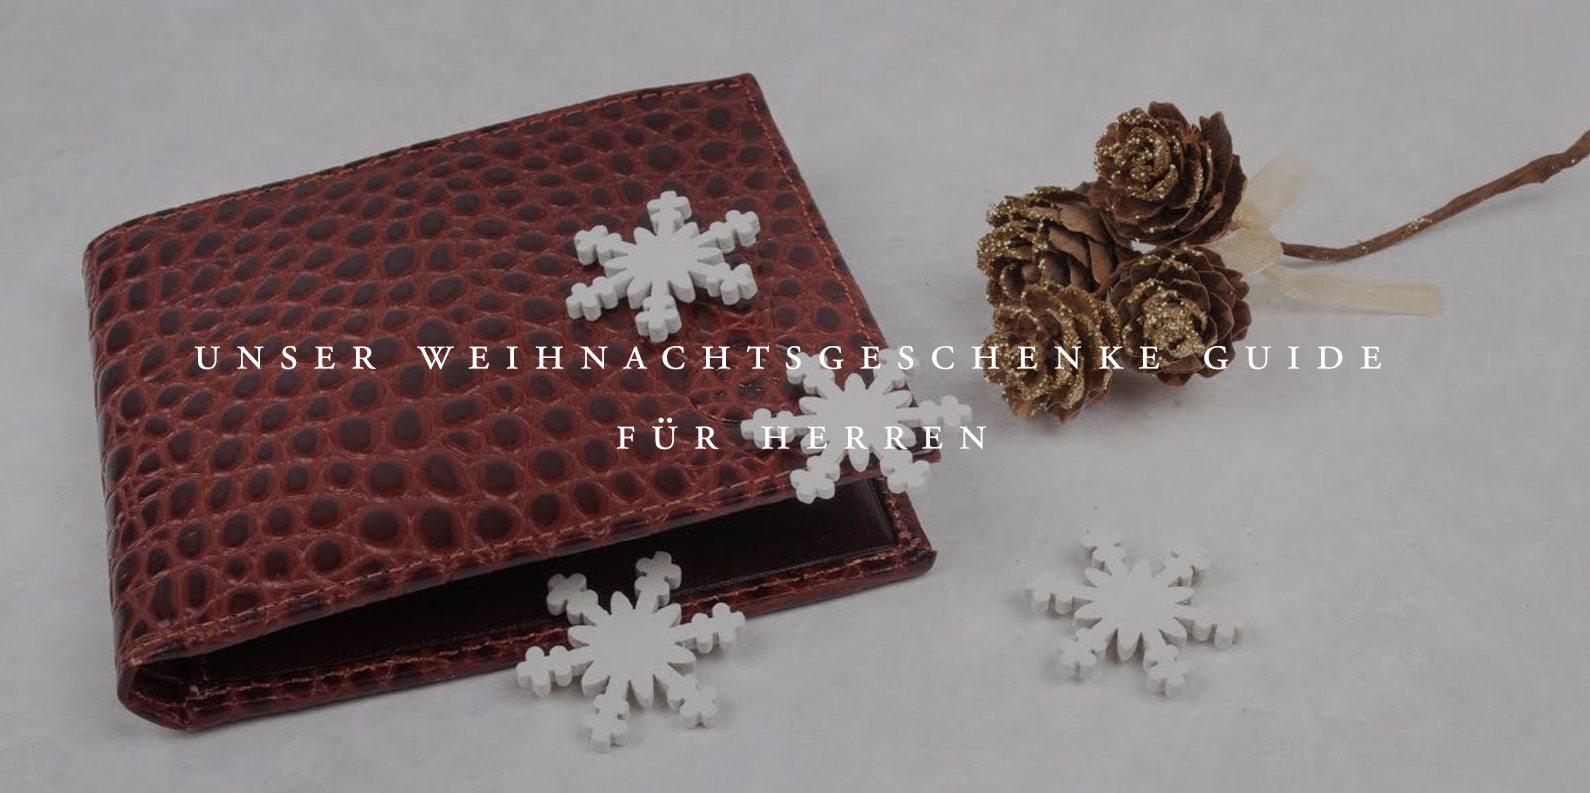 unser weihnachtsgeschenke guide f r herren maxwellscott. Black Bedroom Furniture Sets. Home Design Ideas